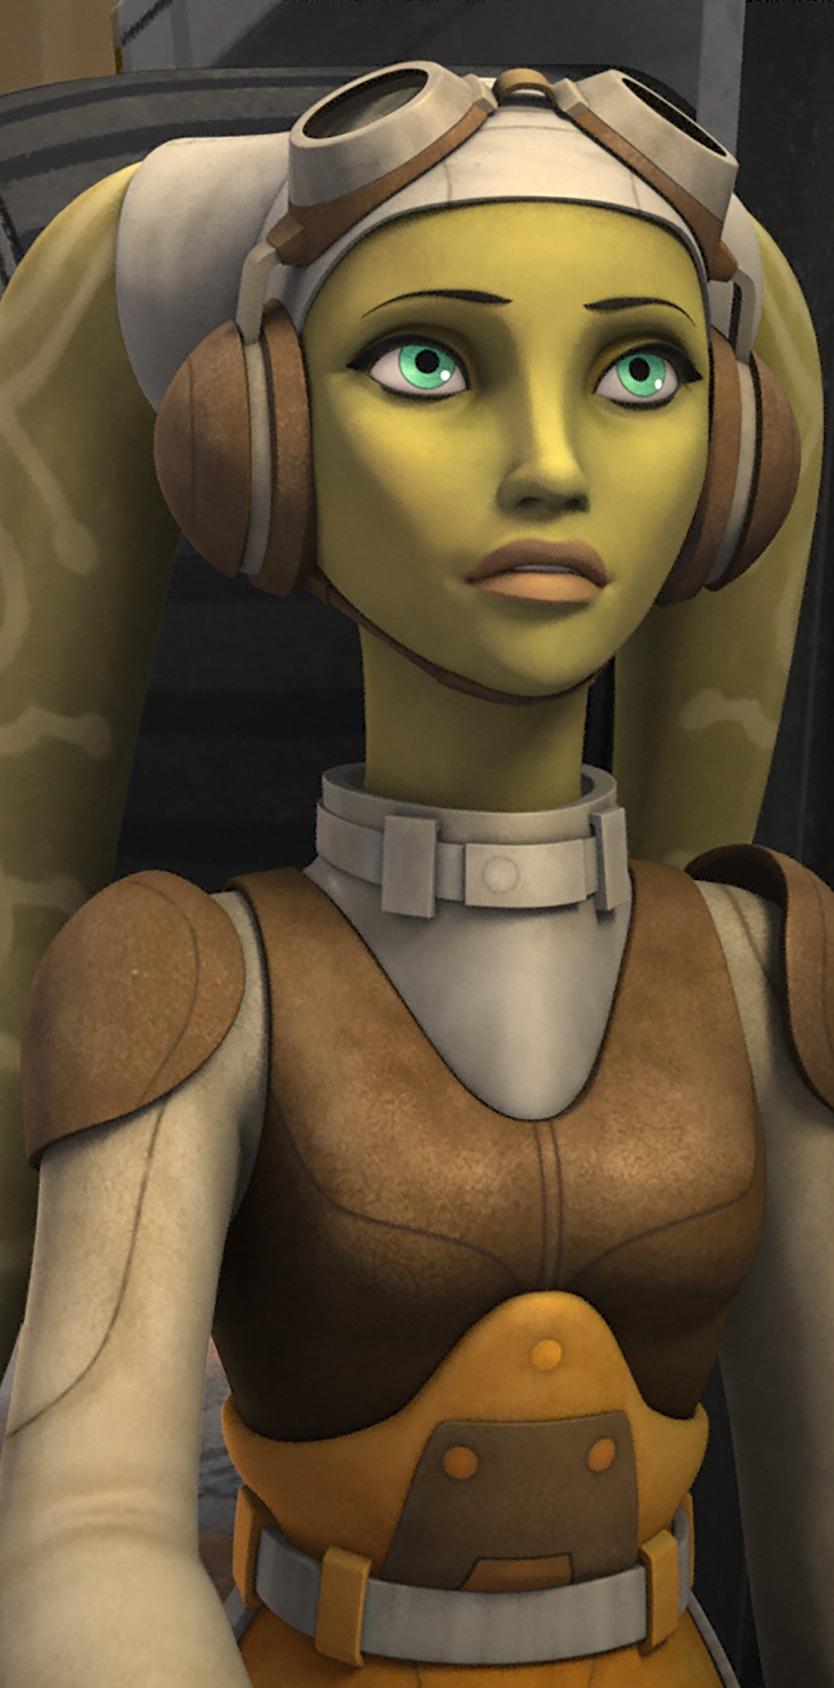 Нетолько Лея! 5 главных женских персонажей нового канона «Звездных Войн». - Изображение 11